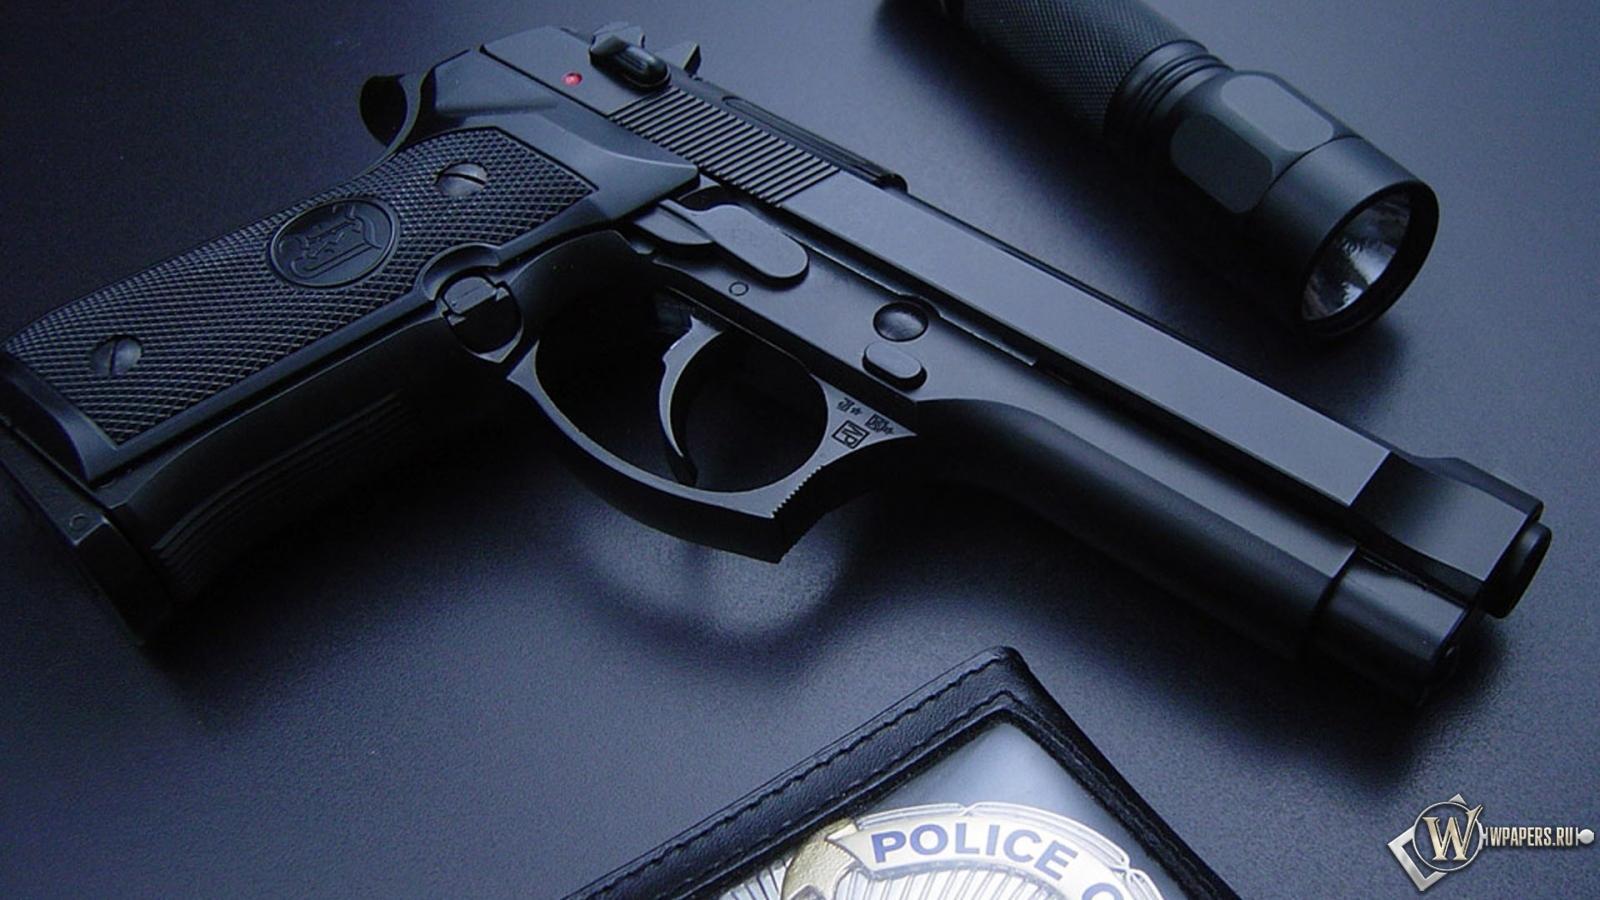 Скачать обои Arma 3 poster tactical shooter для рабочего